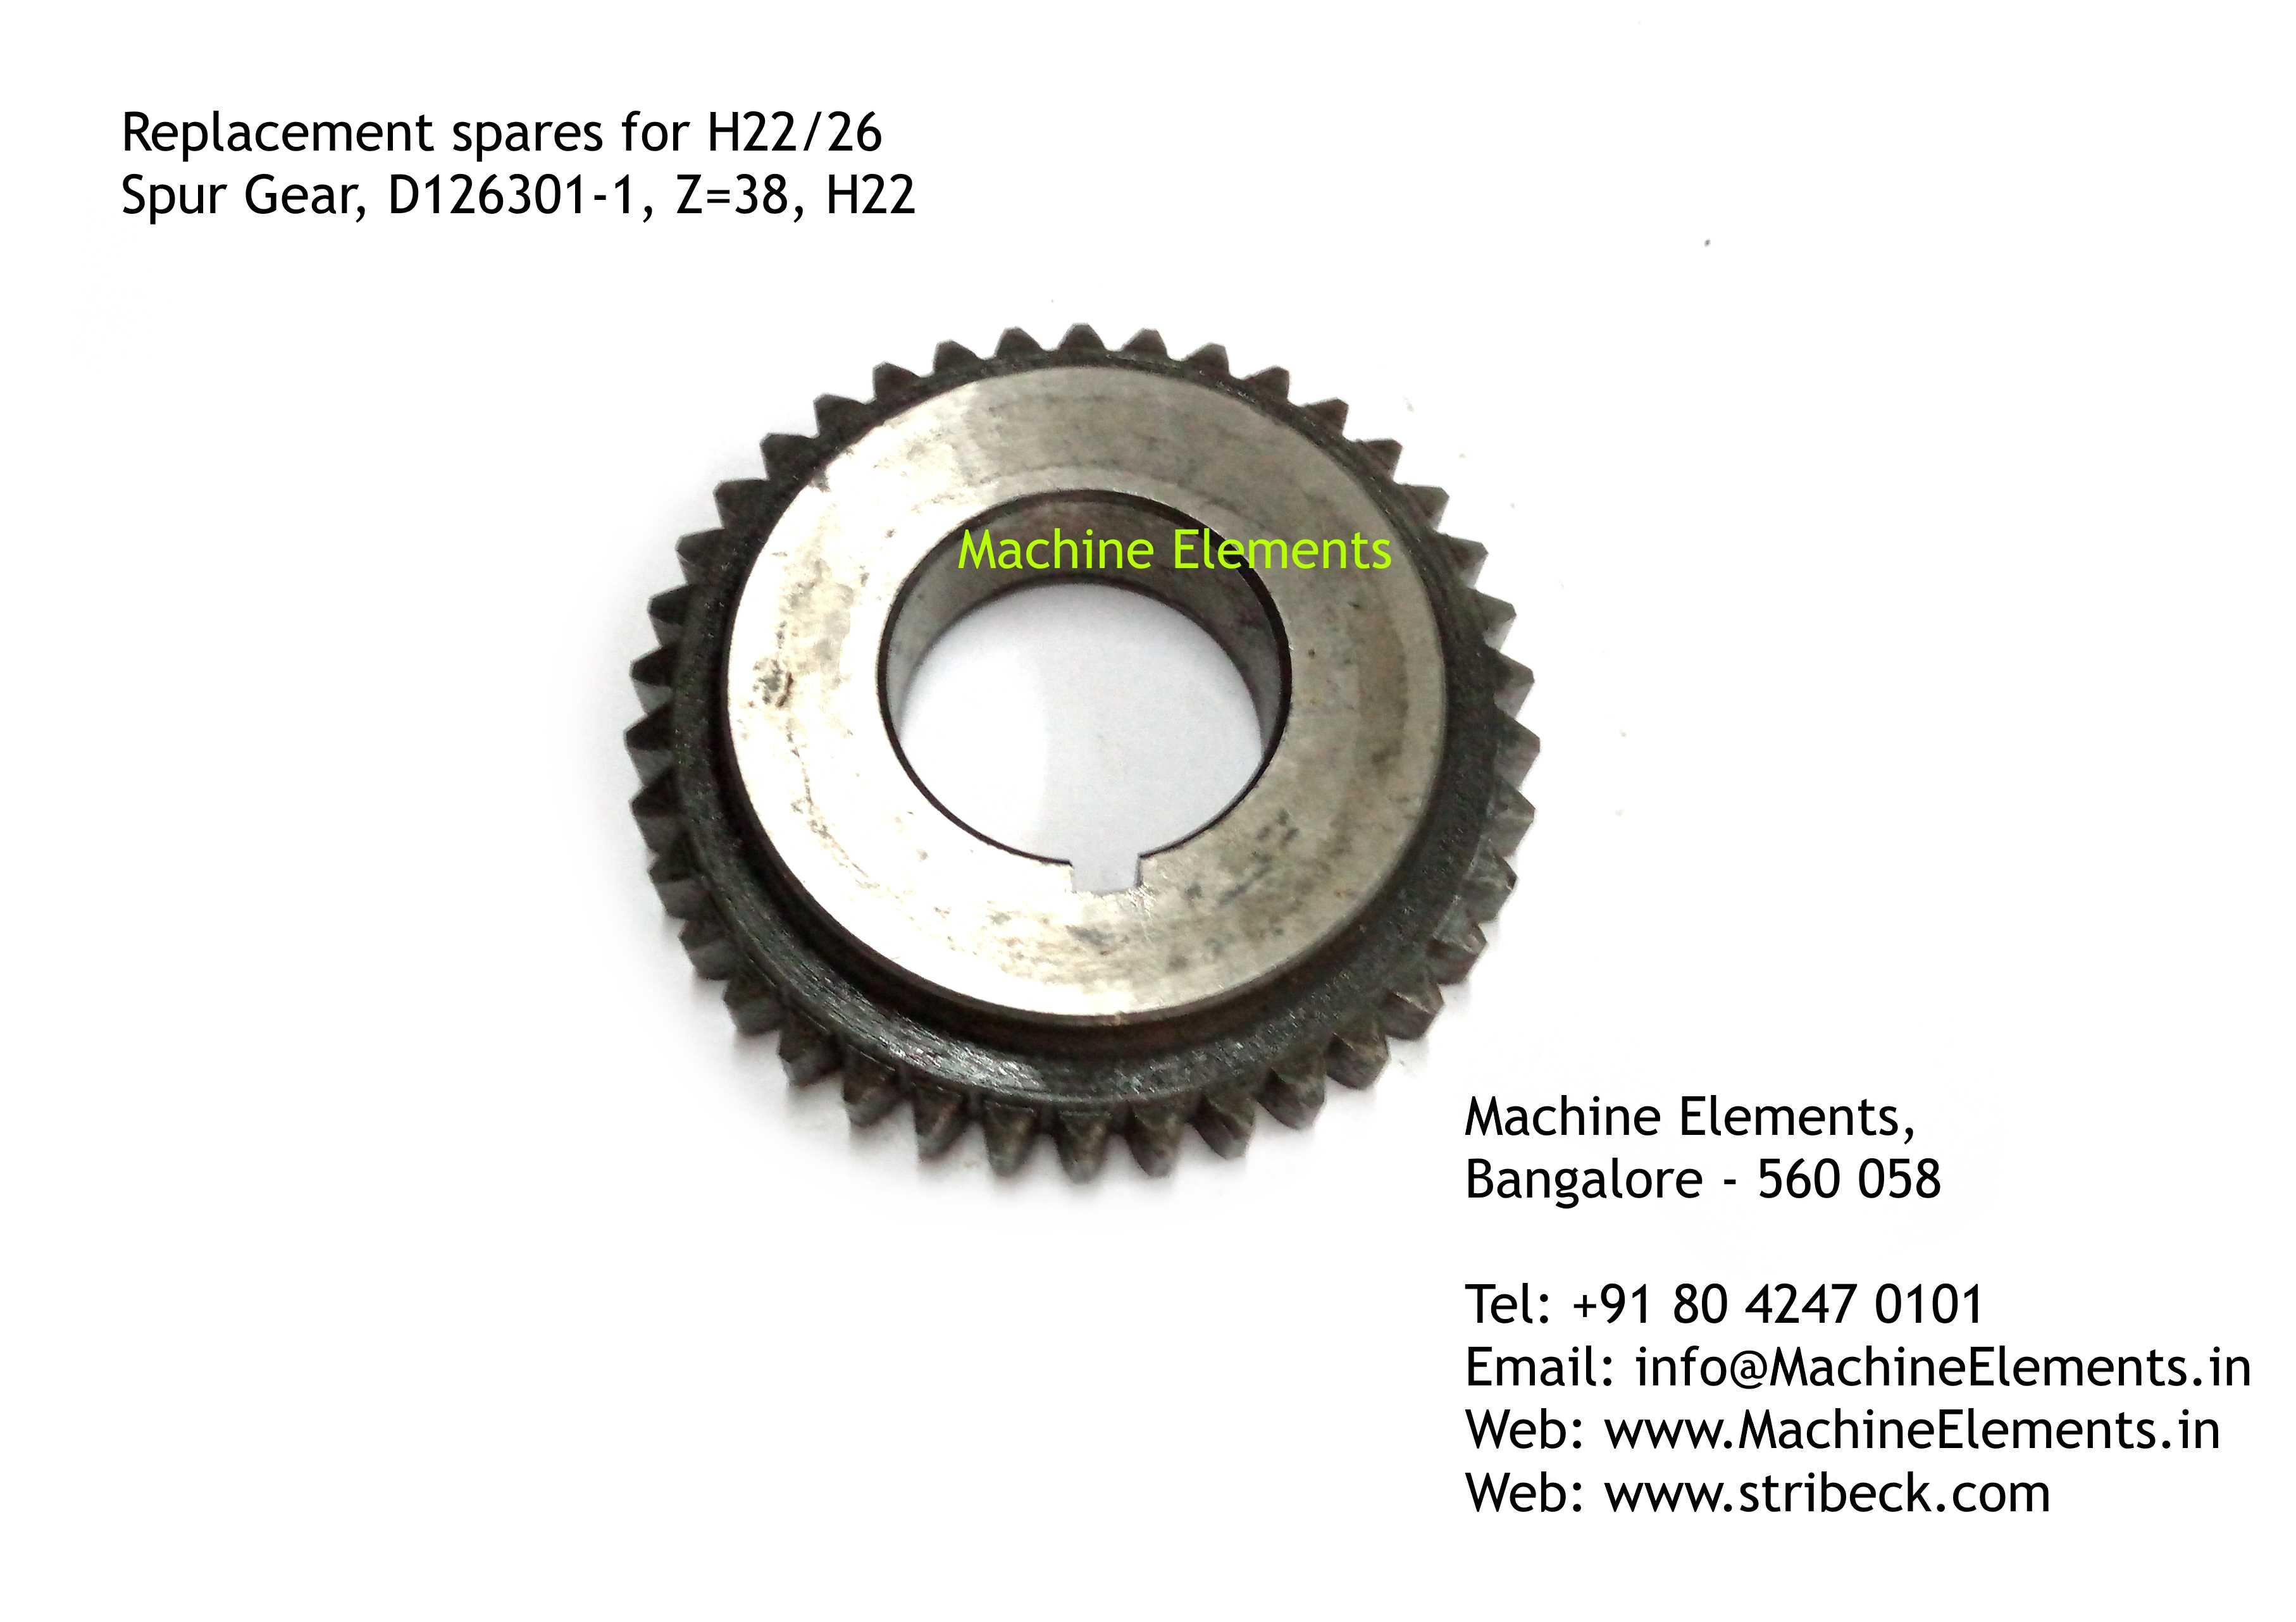 Spur Gear, D126301-1